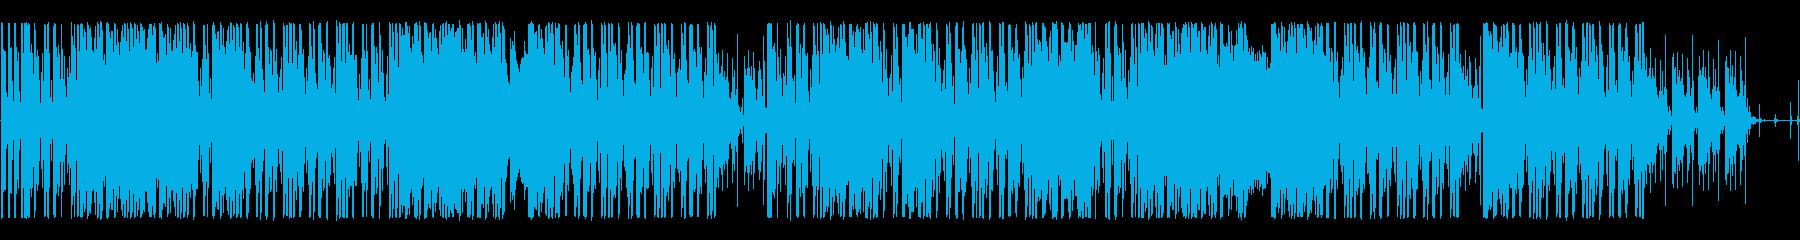 伝統的なラップビートです。神秘的で...の再生済みの波形